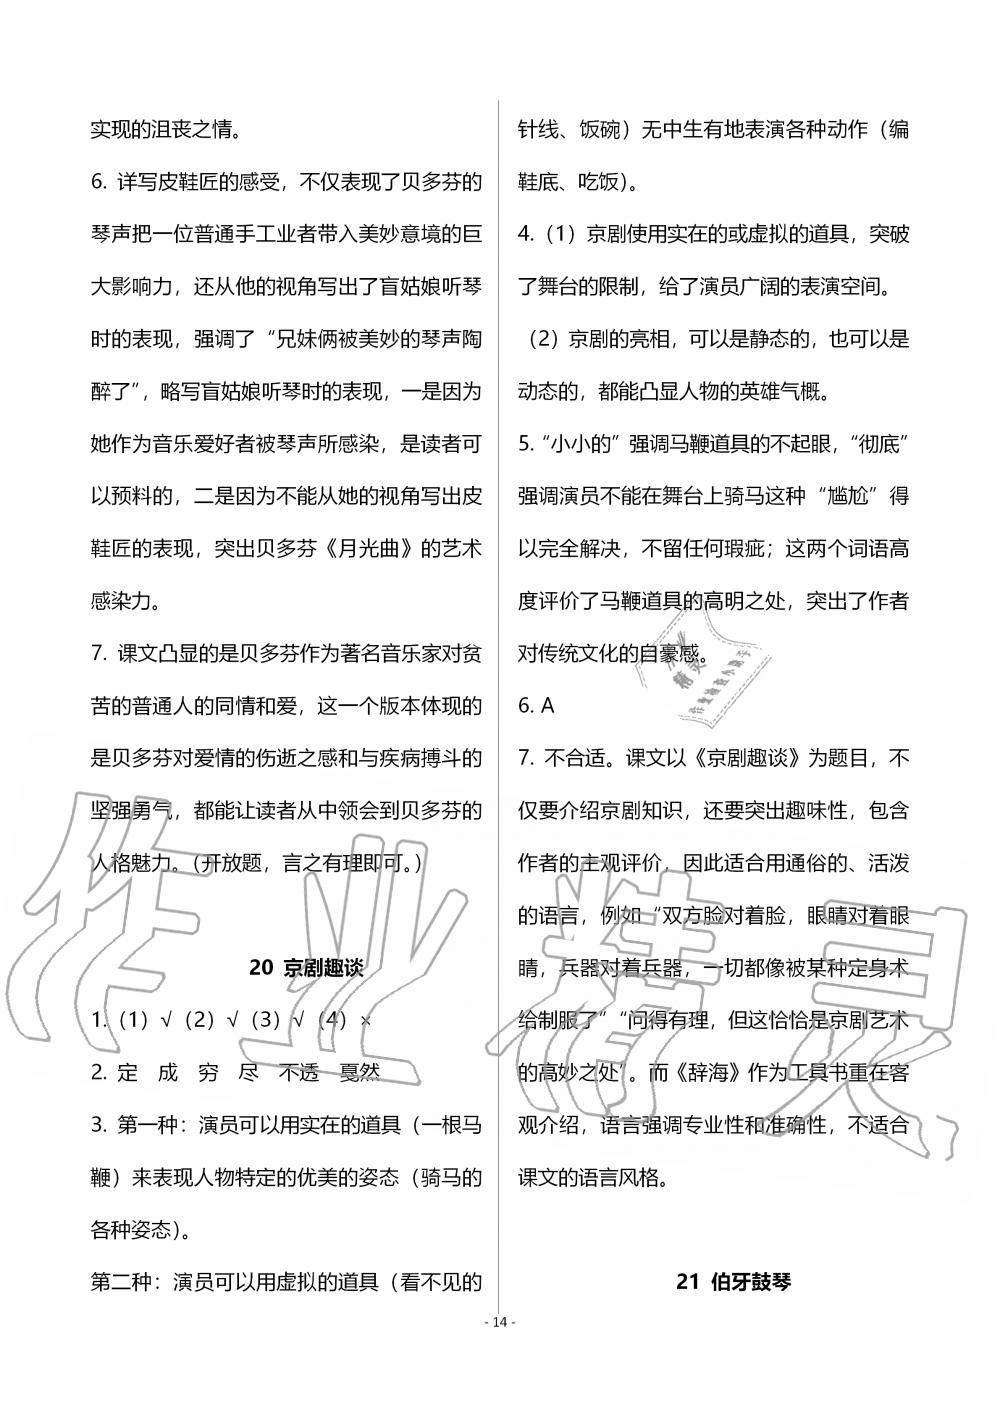 2019年语文练习部分六年级第一学期人教版五四制第14页